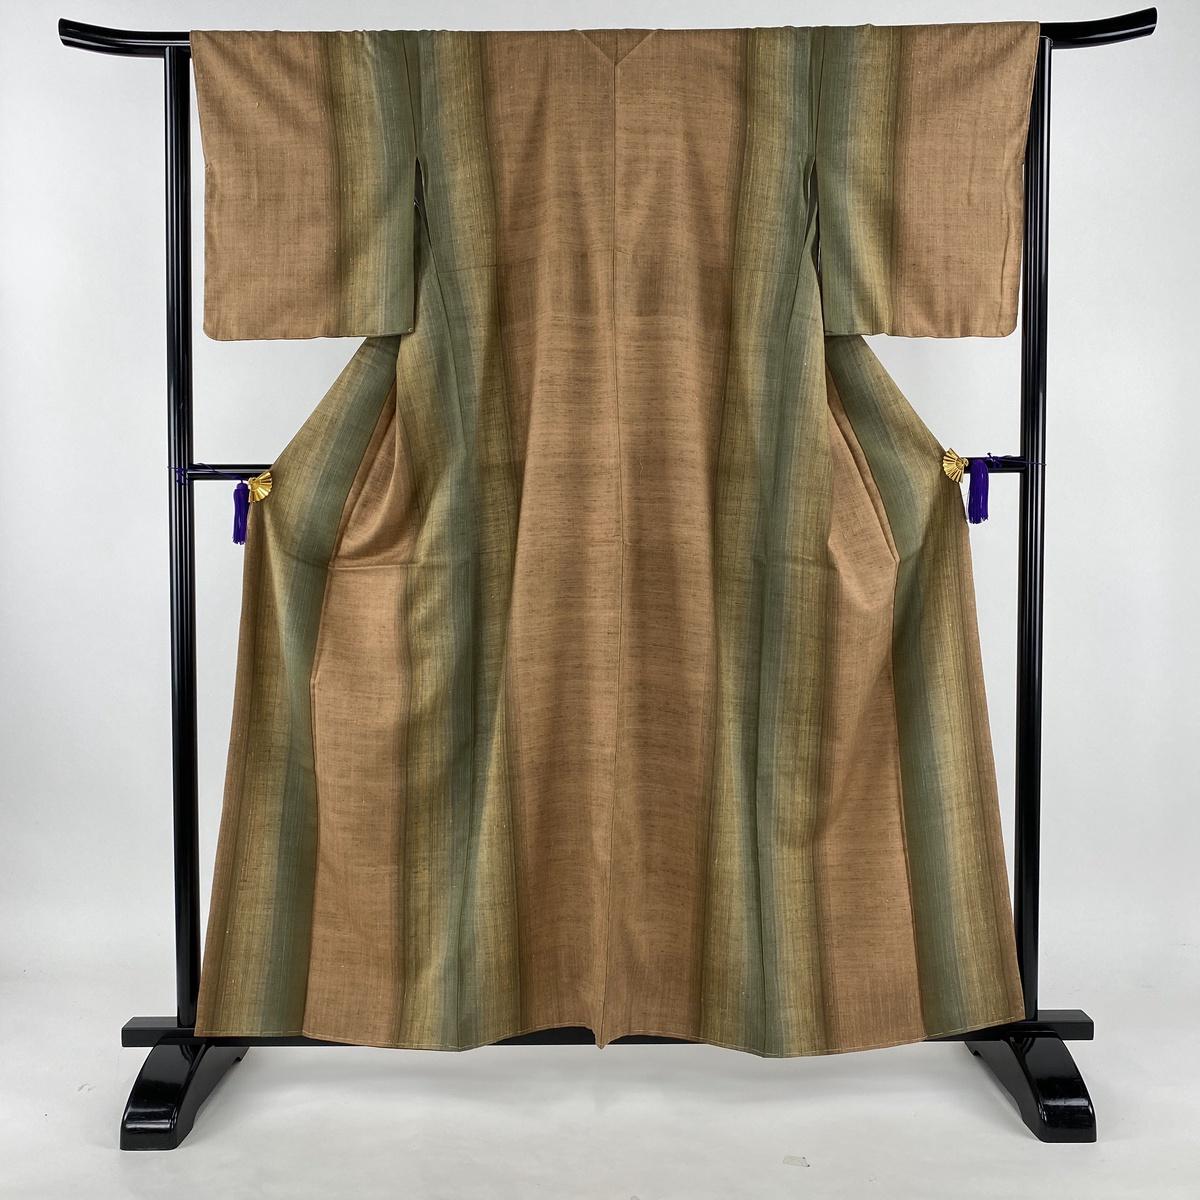 紬 美品 秀品 縦縞 茶緑色 袷 身丈159cm 裄丈64cm M 正絹 【中古】